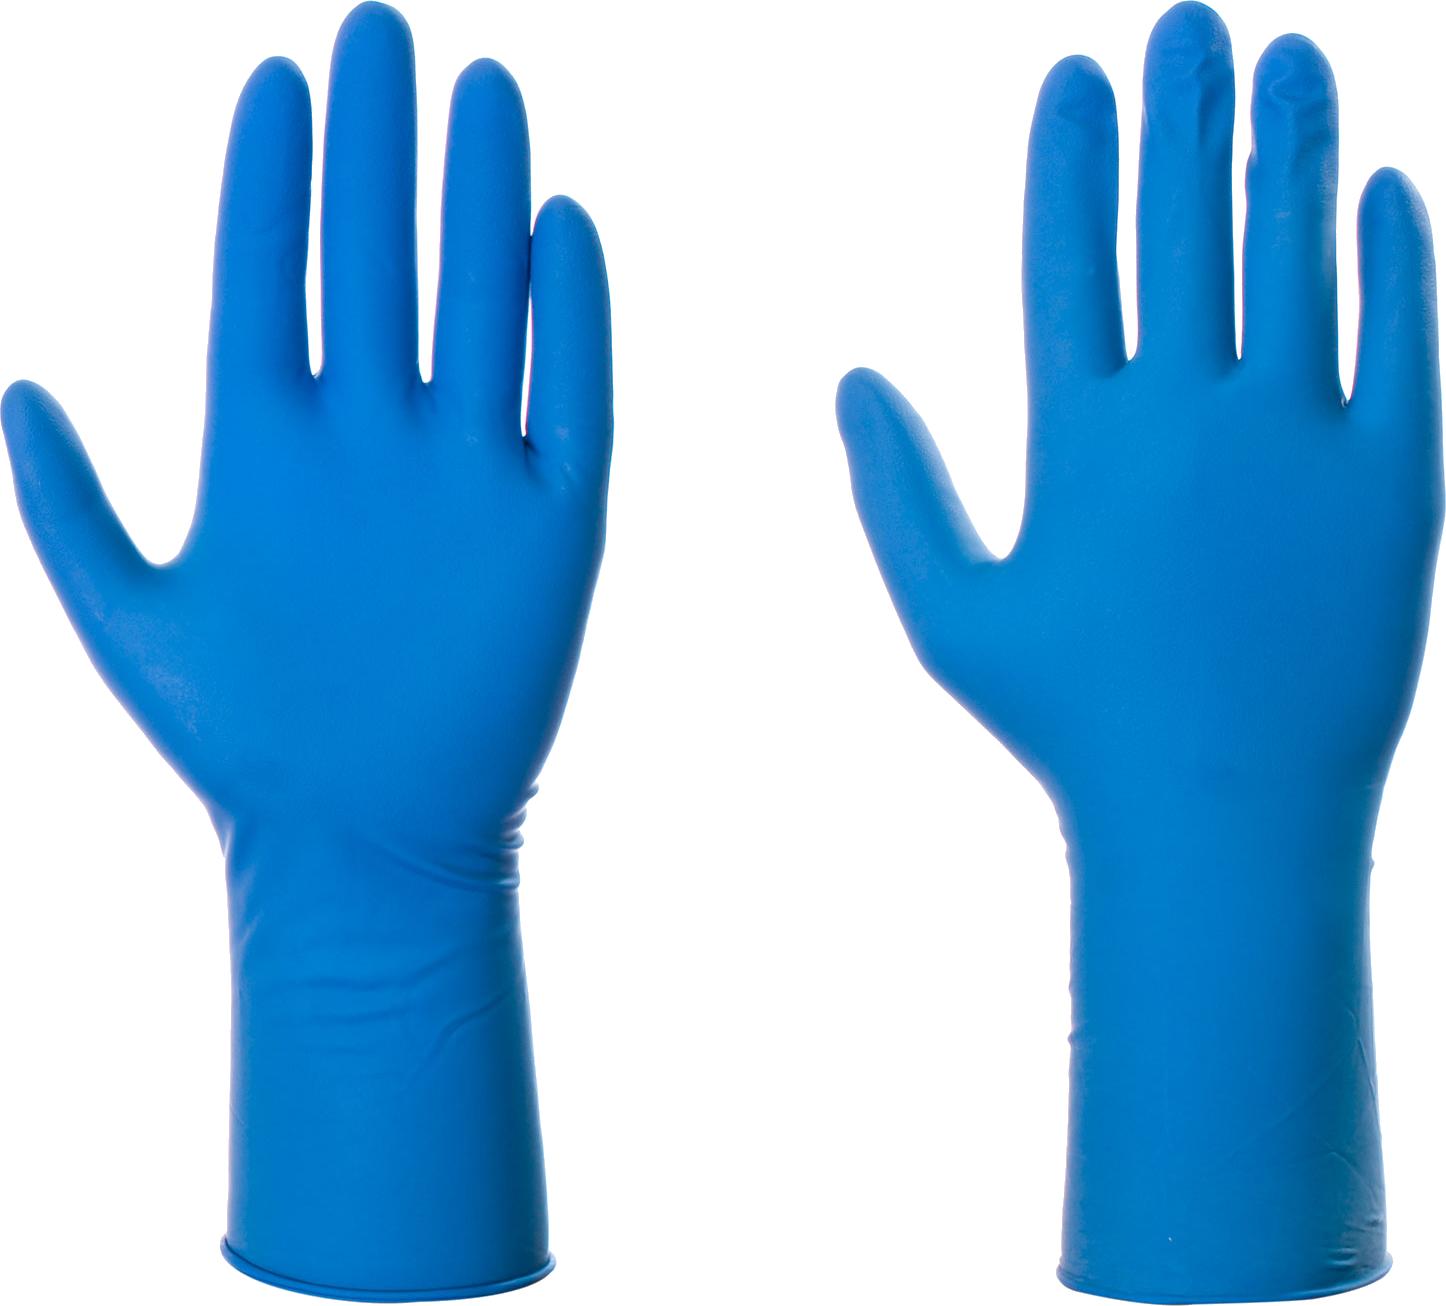 Hi clipart transparent background. Blue gloves png image